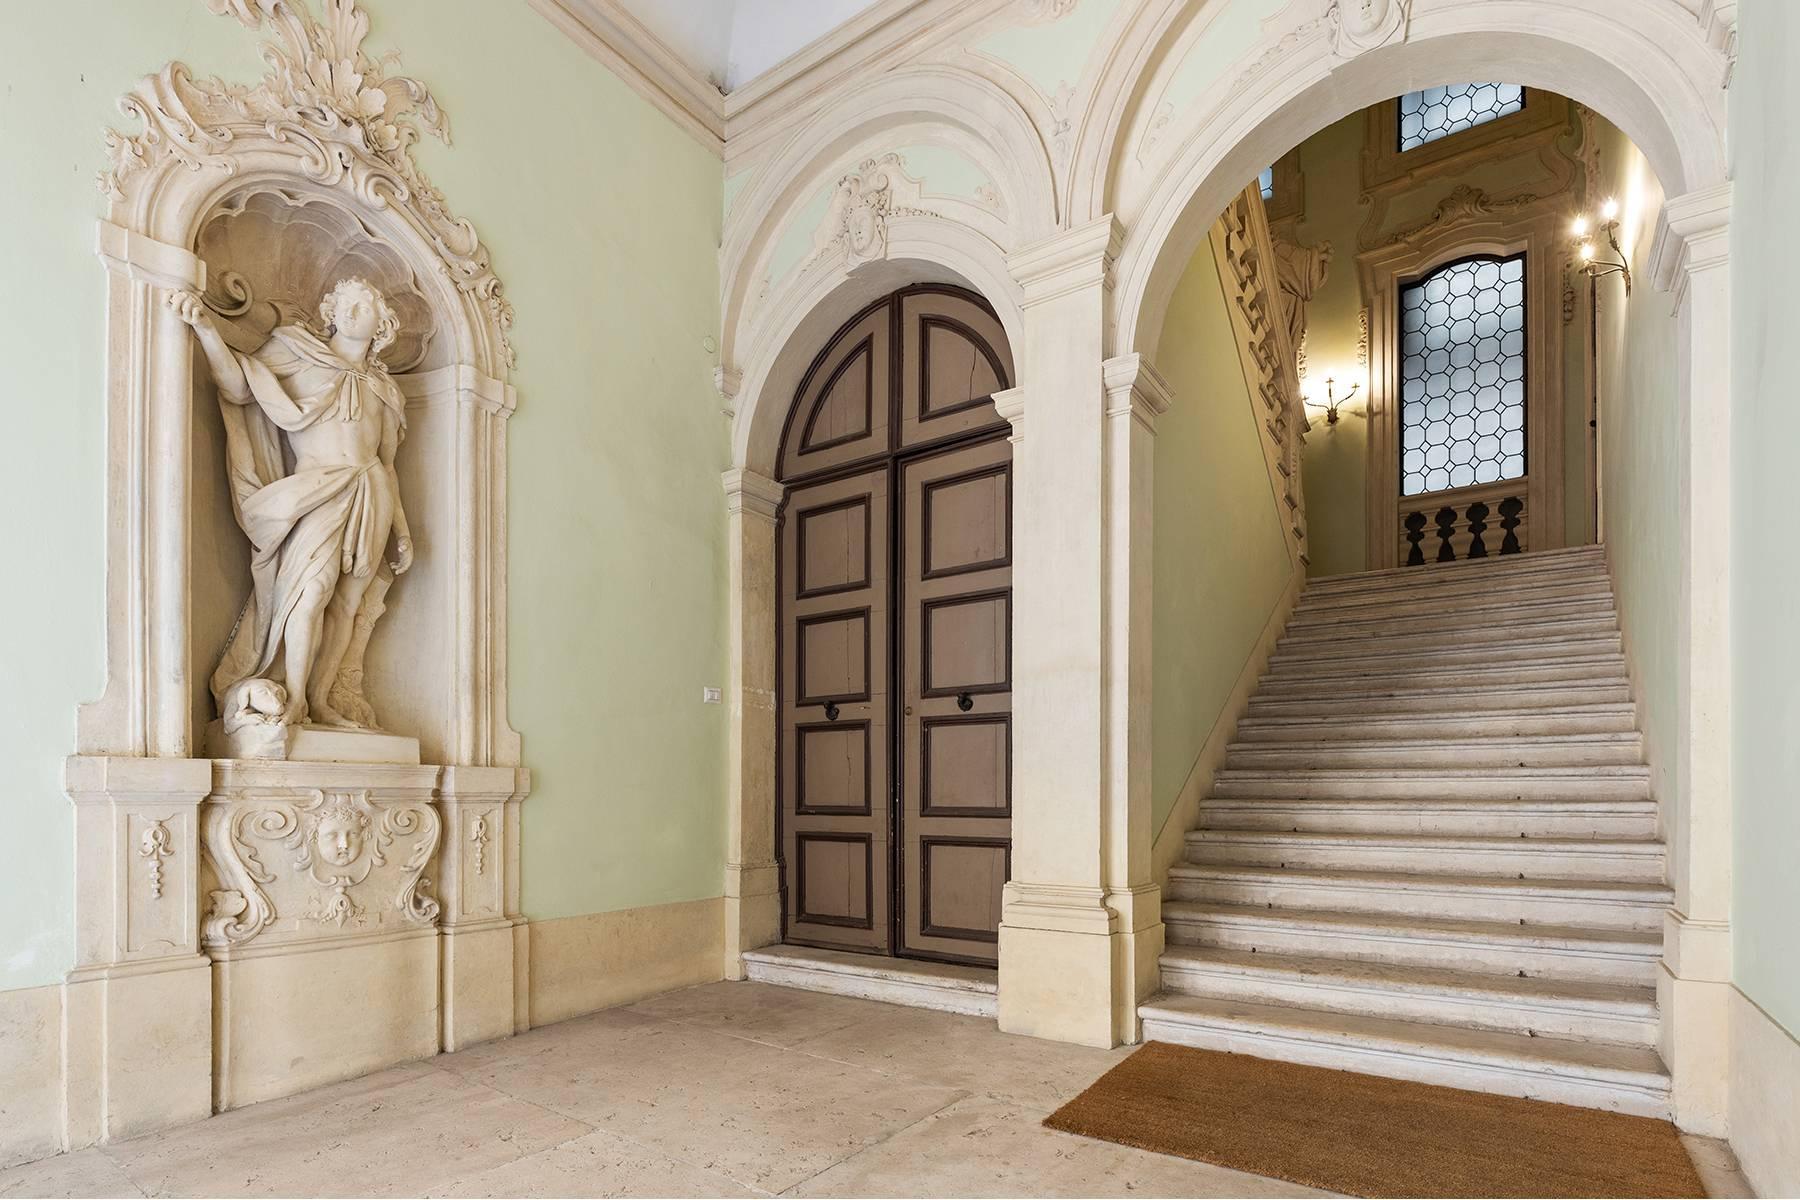 Magnifico Piano nobile affrescato in centro a Verona - 6